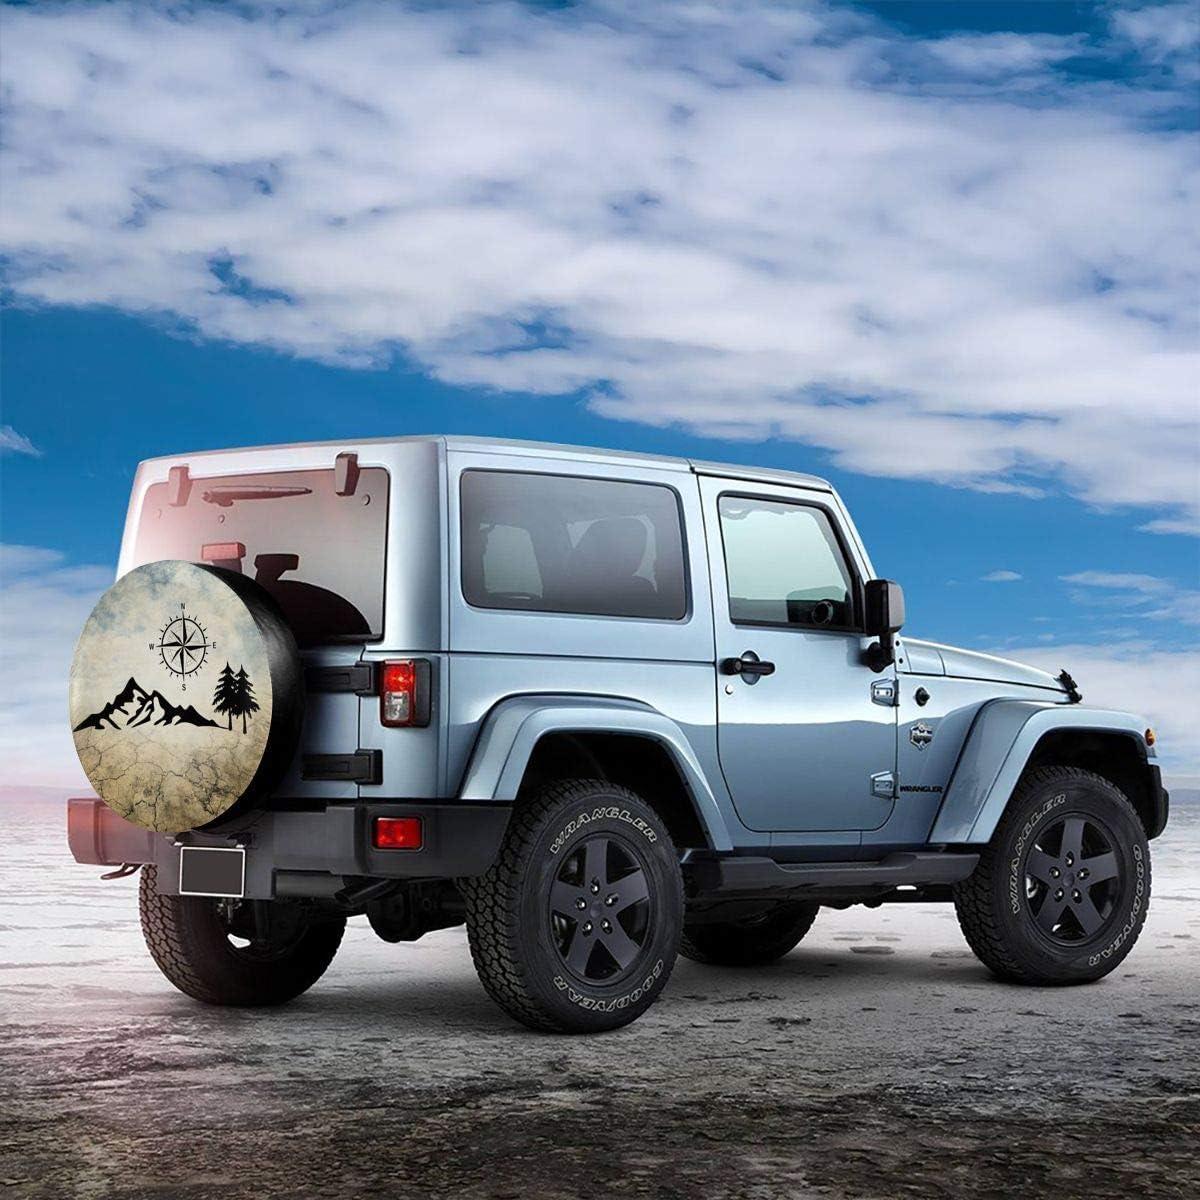 Kejbr Ruote Borsa per Pneumatici Nature Mountain Compass Camper Borsa Copriruota Wheel Protectors Weatherproof for Jeep Trailer RV SUV 14 15 16 17